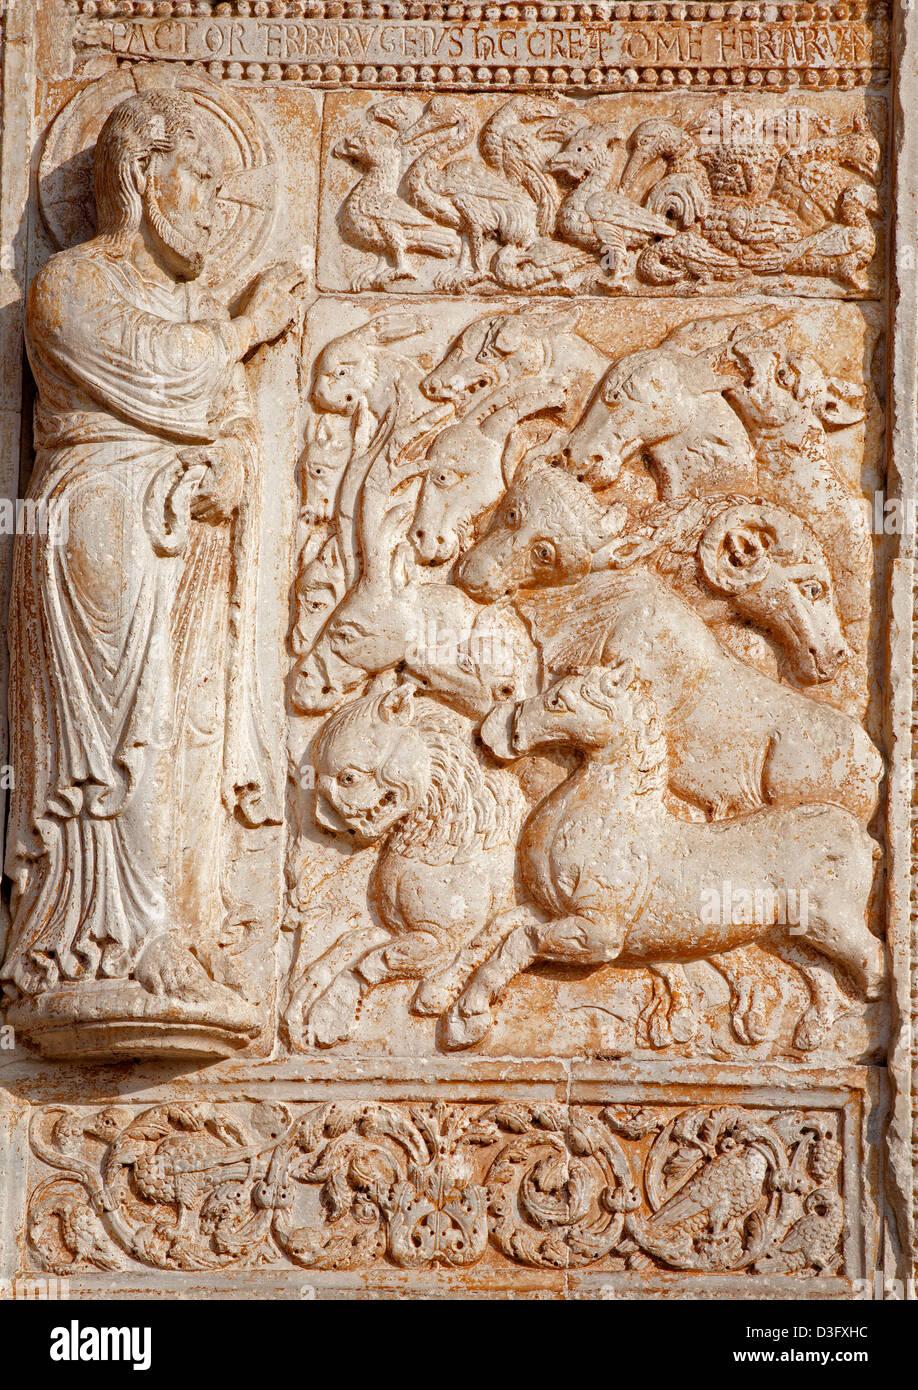 VERONA - JANUARY 27: Relief of creation from facade of romanesque Basilica San Zeno. - Stock Image